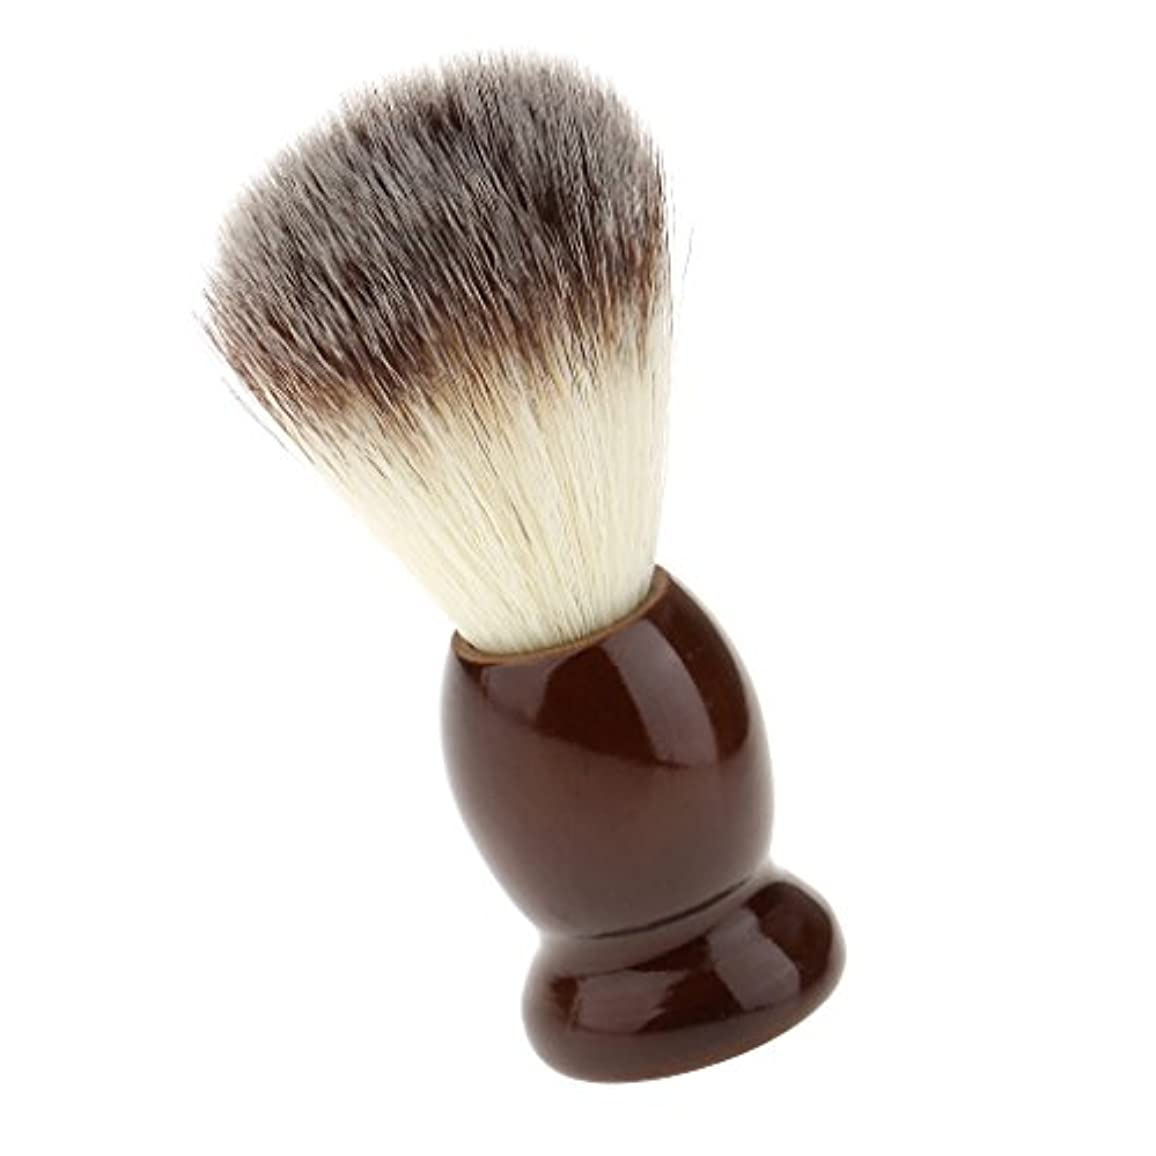 家宙返り時々時々SONONIA ナイロン製 シェービングブラシ サロン 柔らかい 髭剃り 洗顔 理容   便携 10.5cm  ブラウン